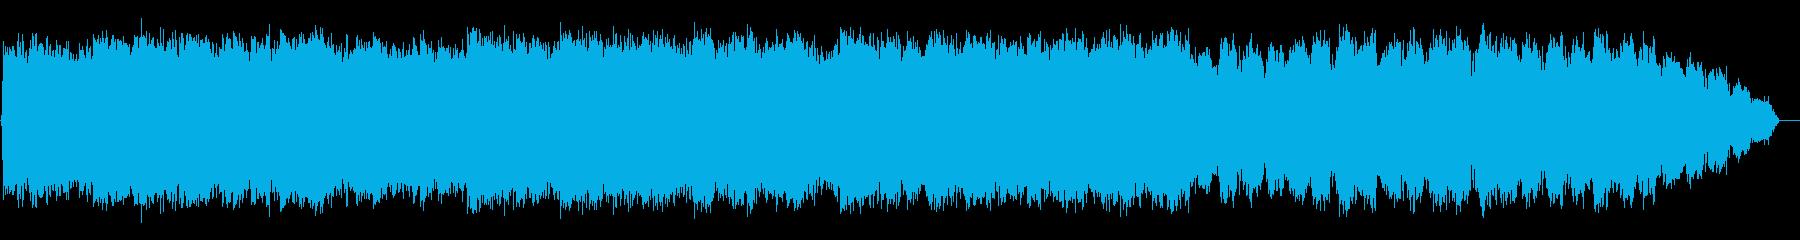 爽やかな竹笛のヒーリング音楽の再生済みの波形